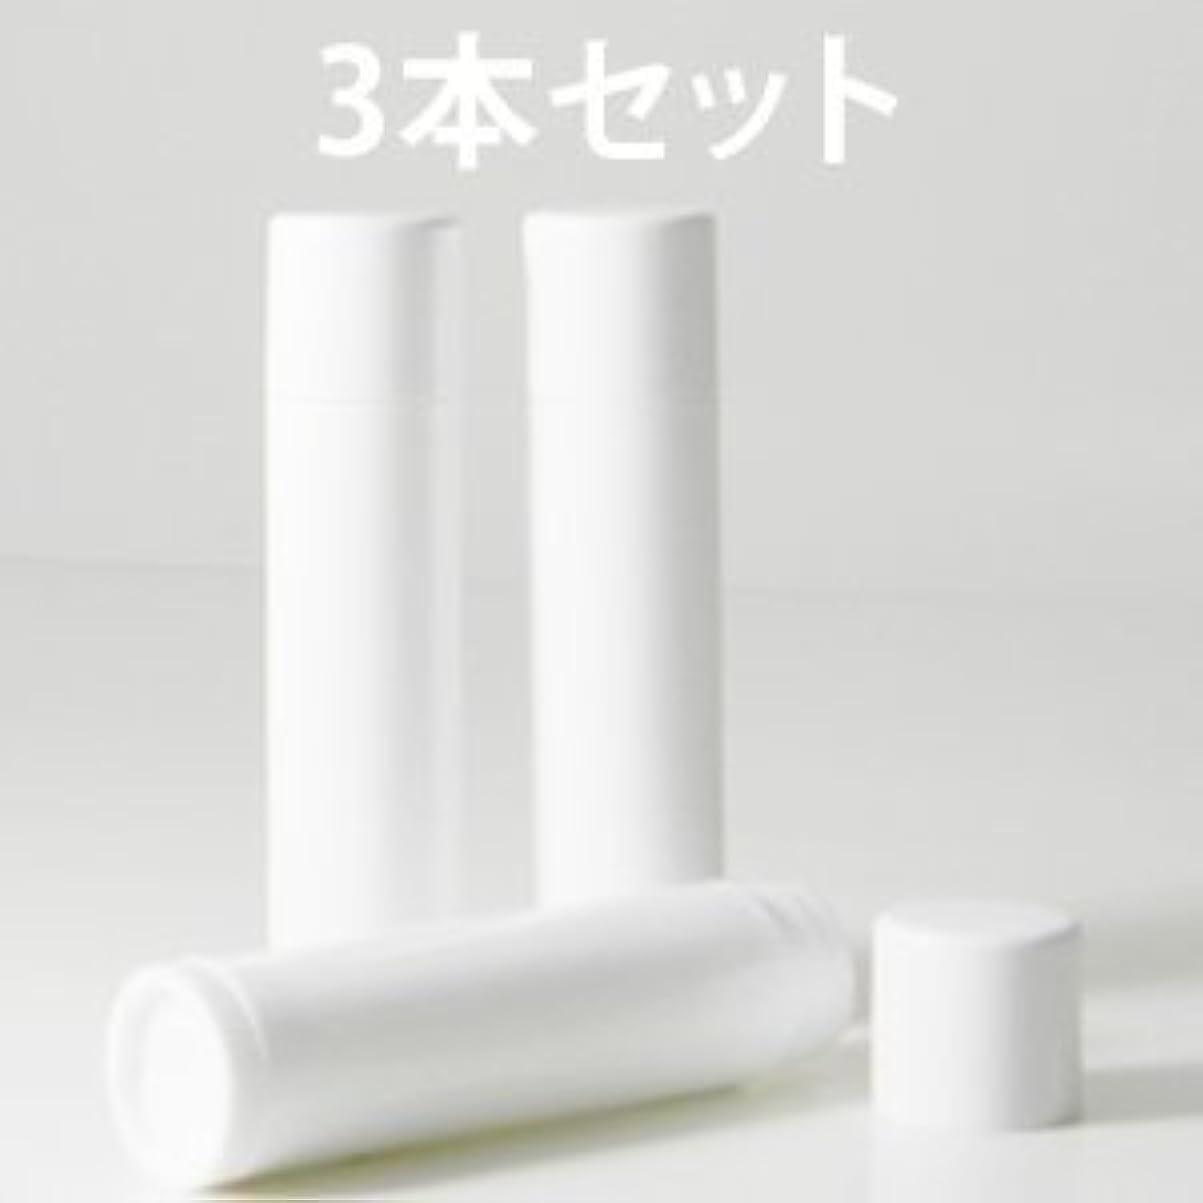 リップバームチューブ (ホワイト) 3本セット 【手作り化粧品容器】